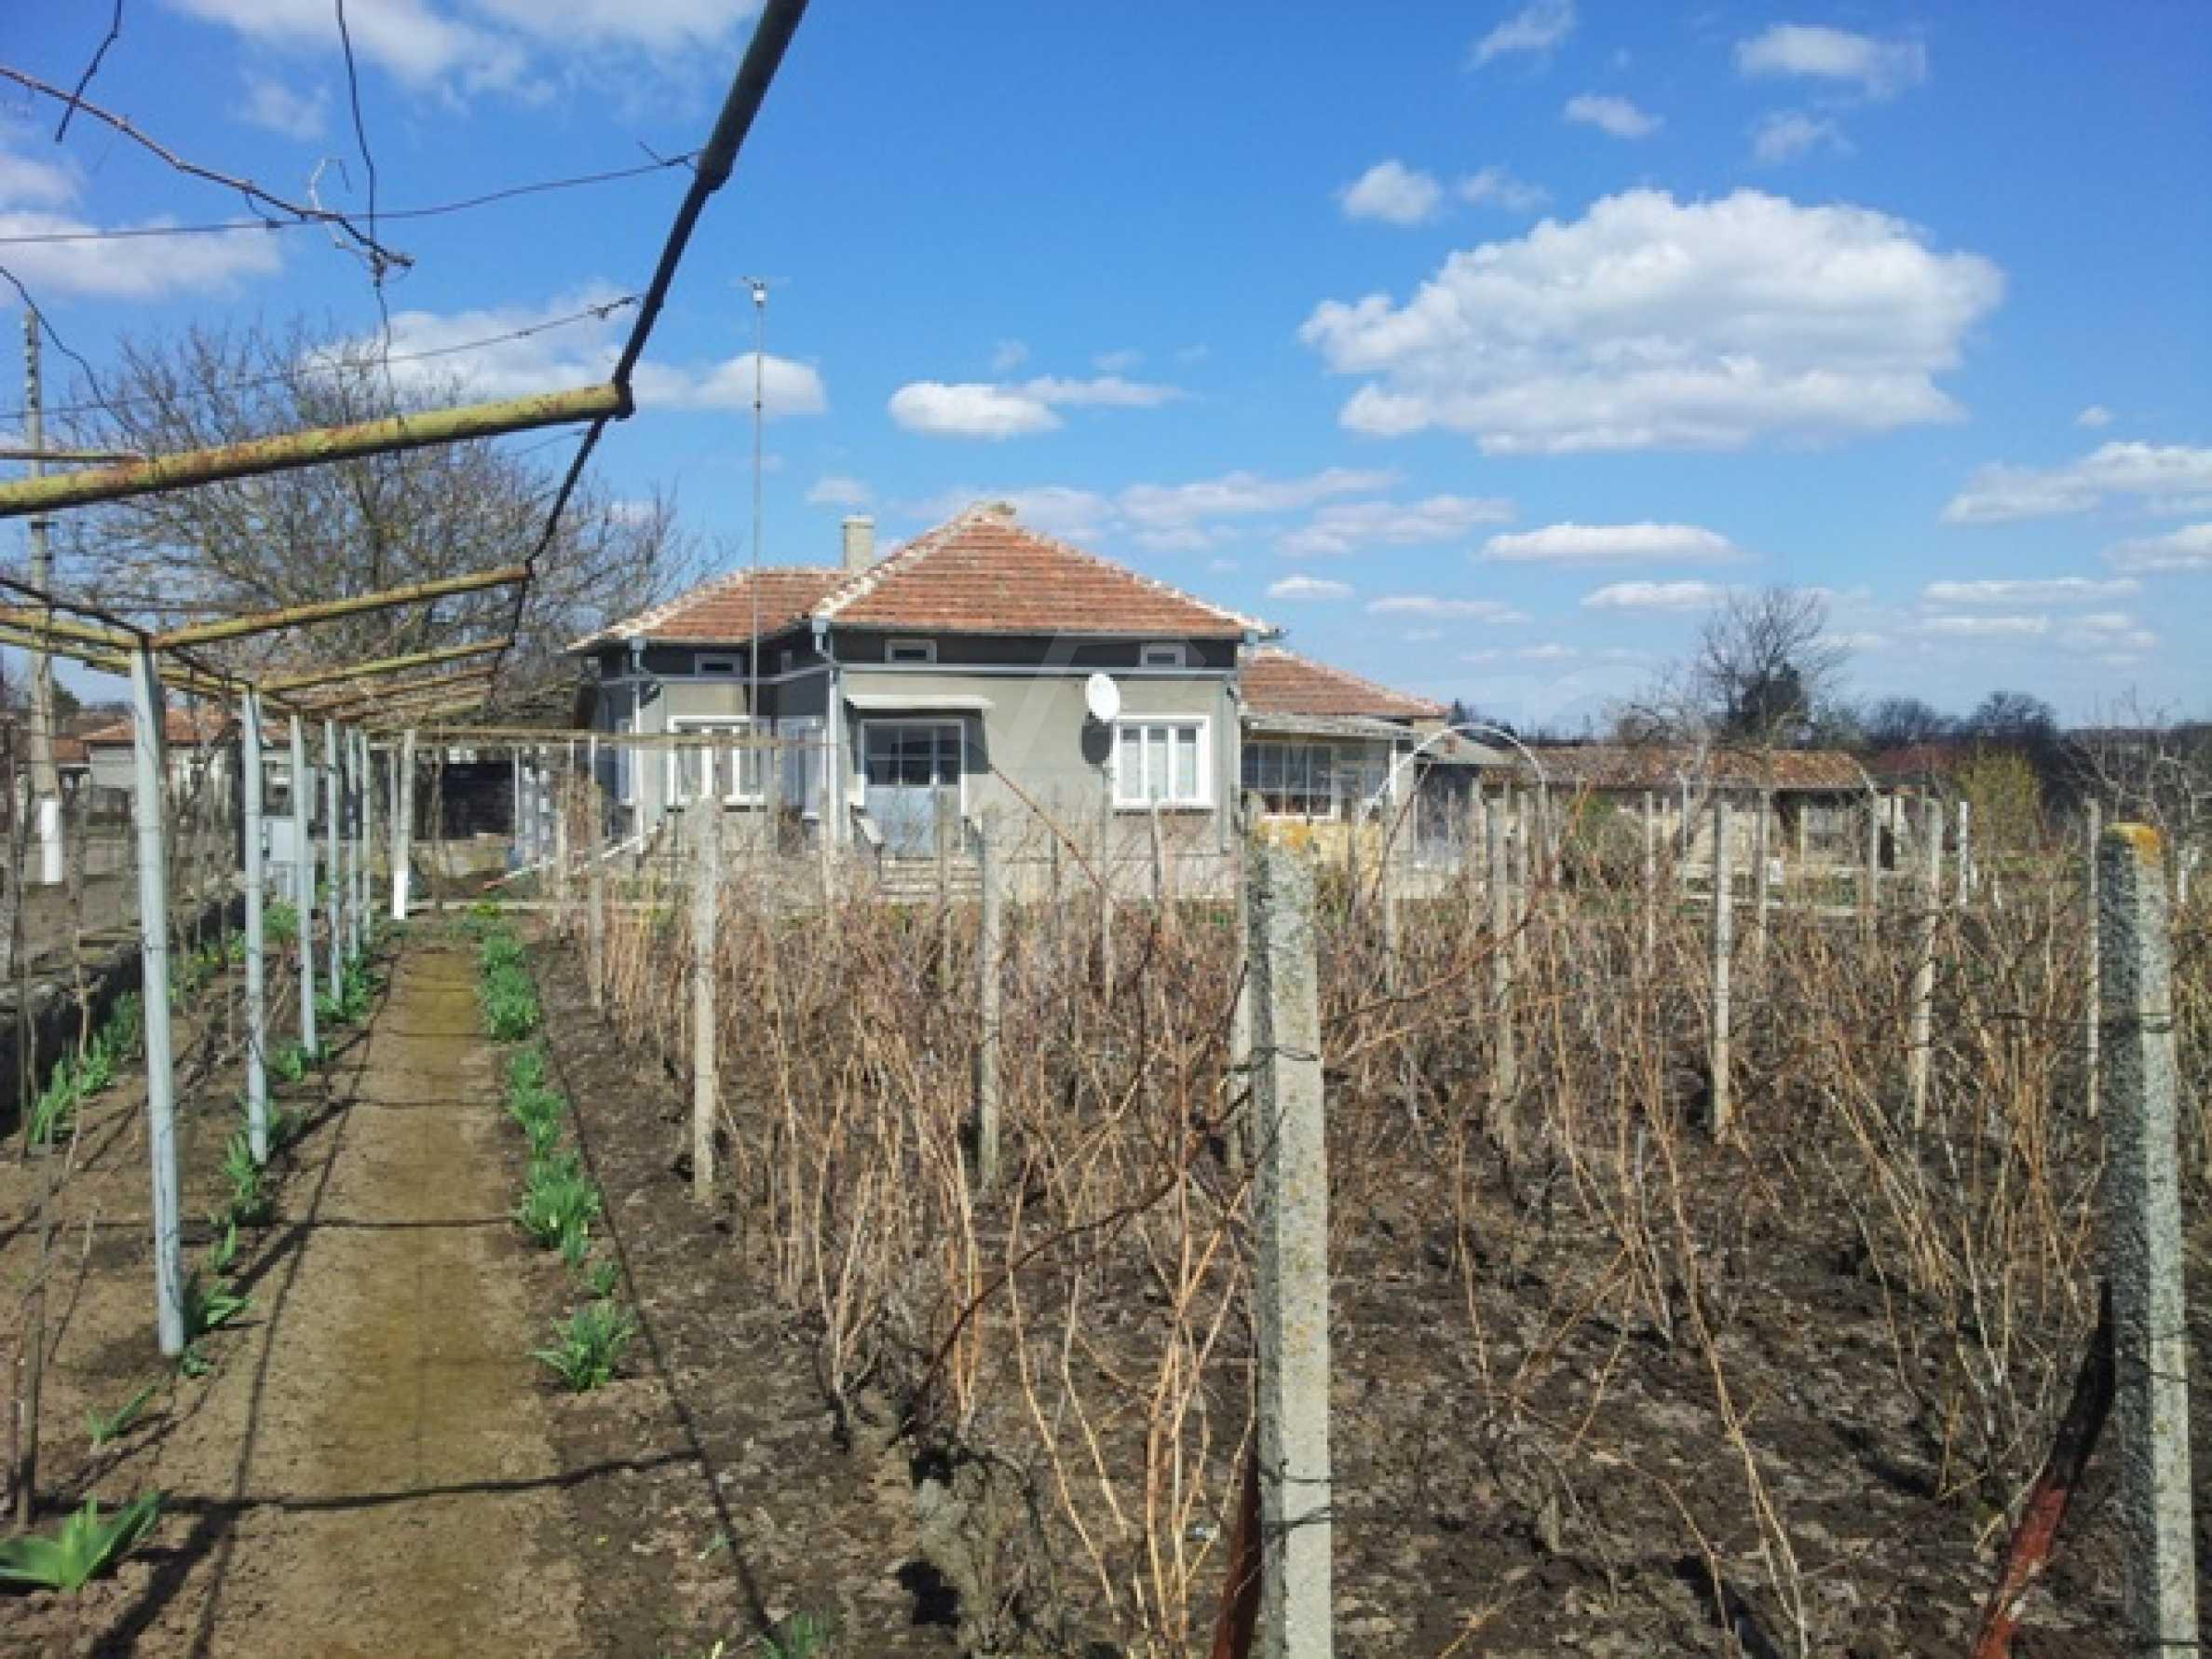 Pchelarovo House 2